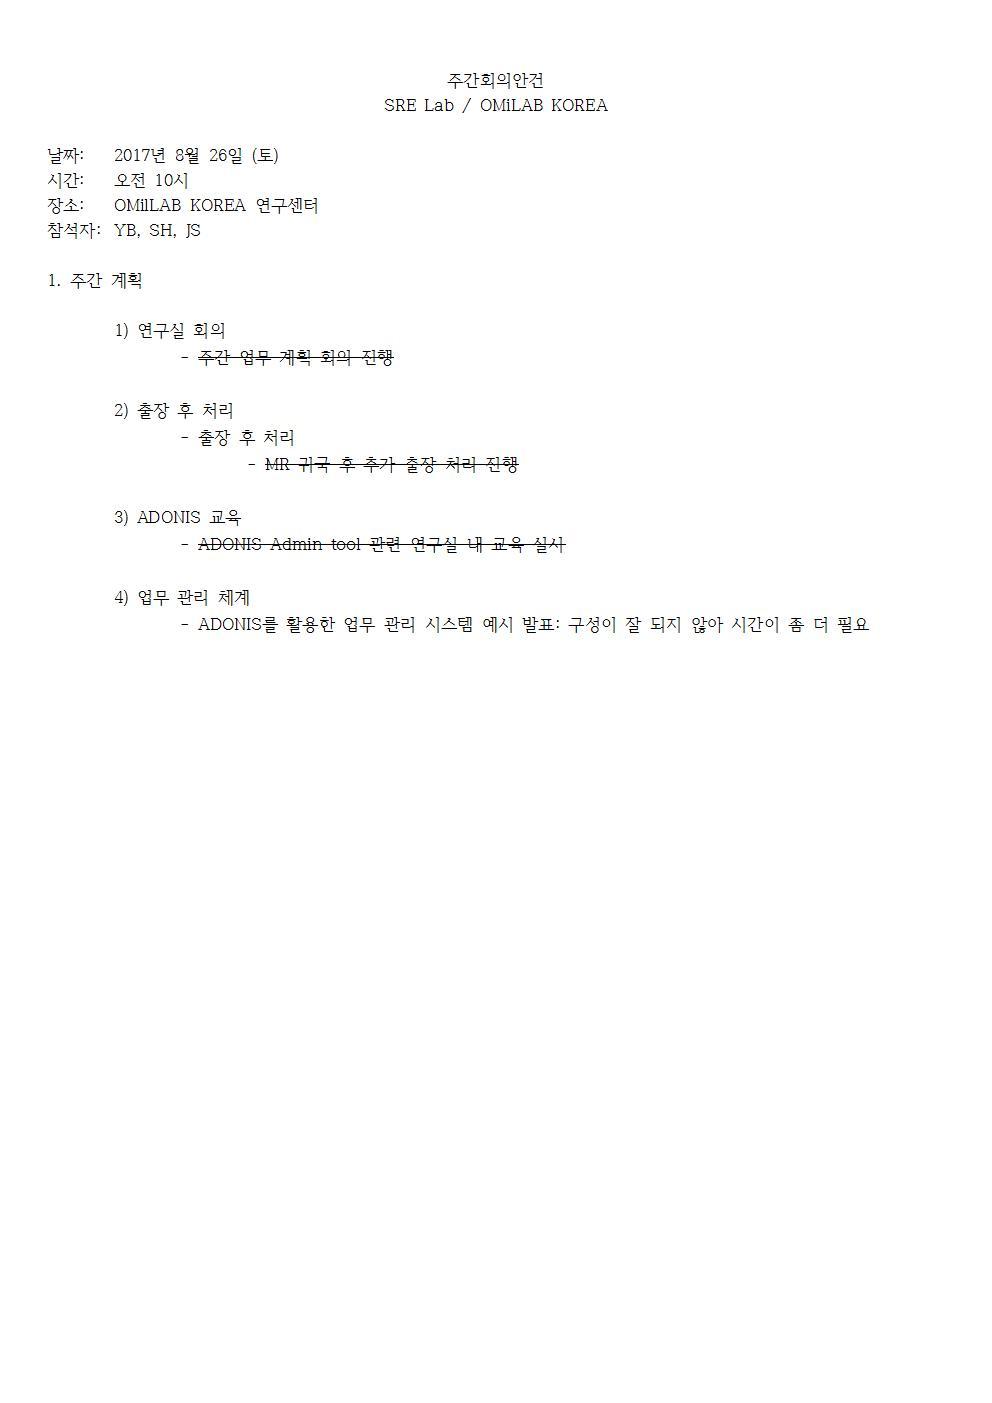 6-토-2017-08-26-PLAN(YB)001.jpg